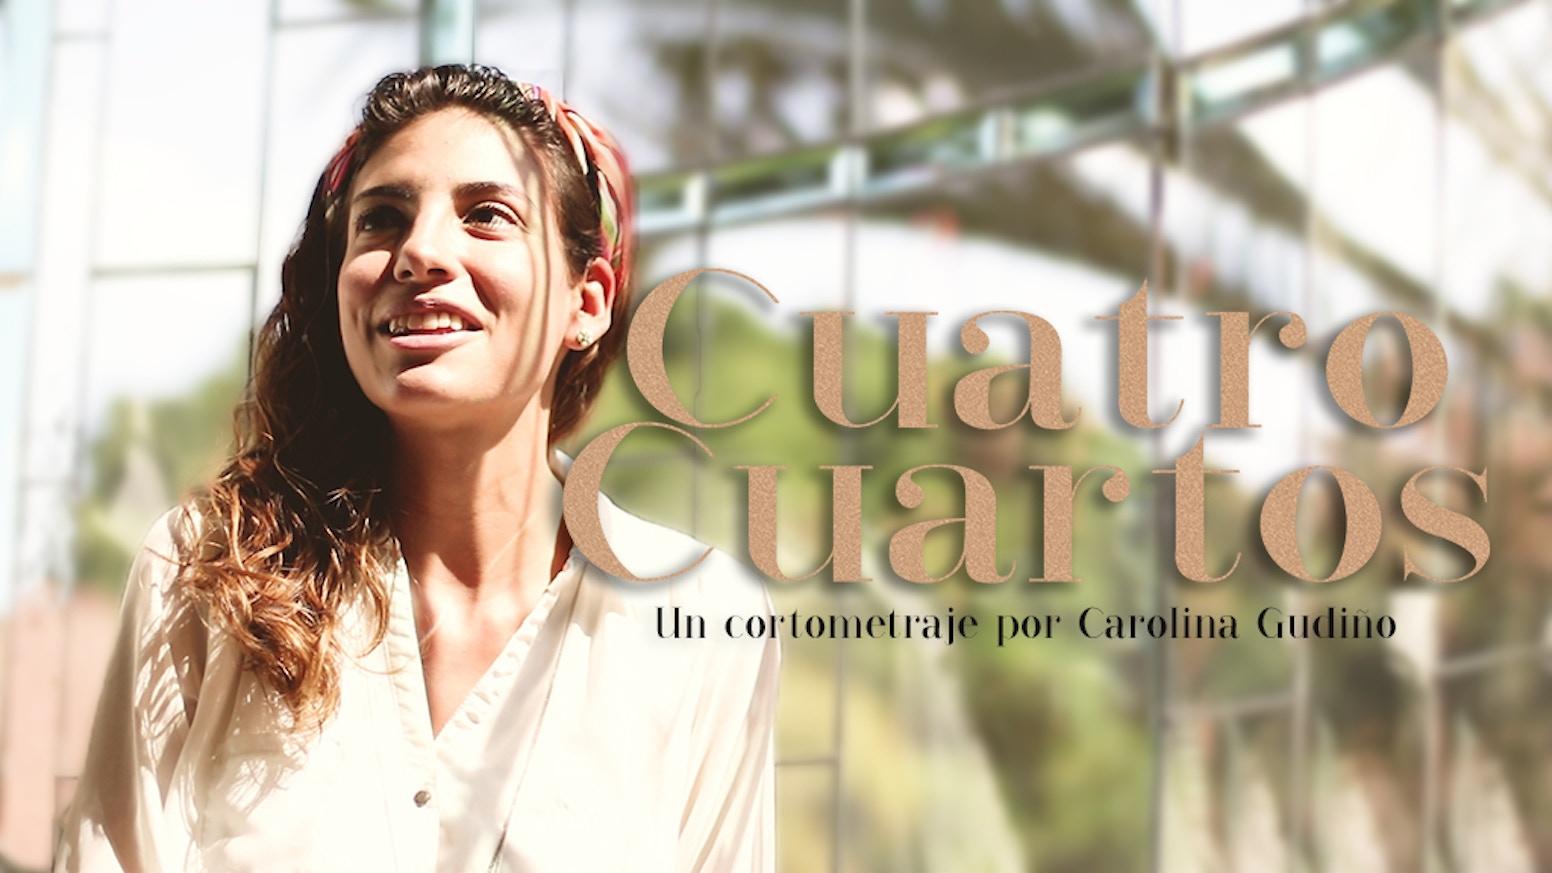 Cuatro Cuartos Cortometraje by Cuatro cuartos cortometraje — Kickstarter